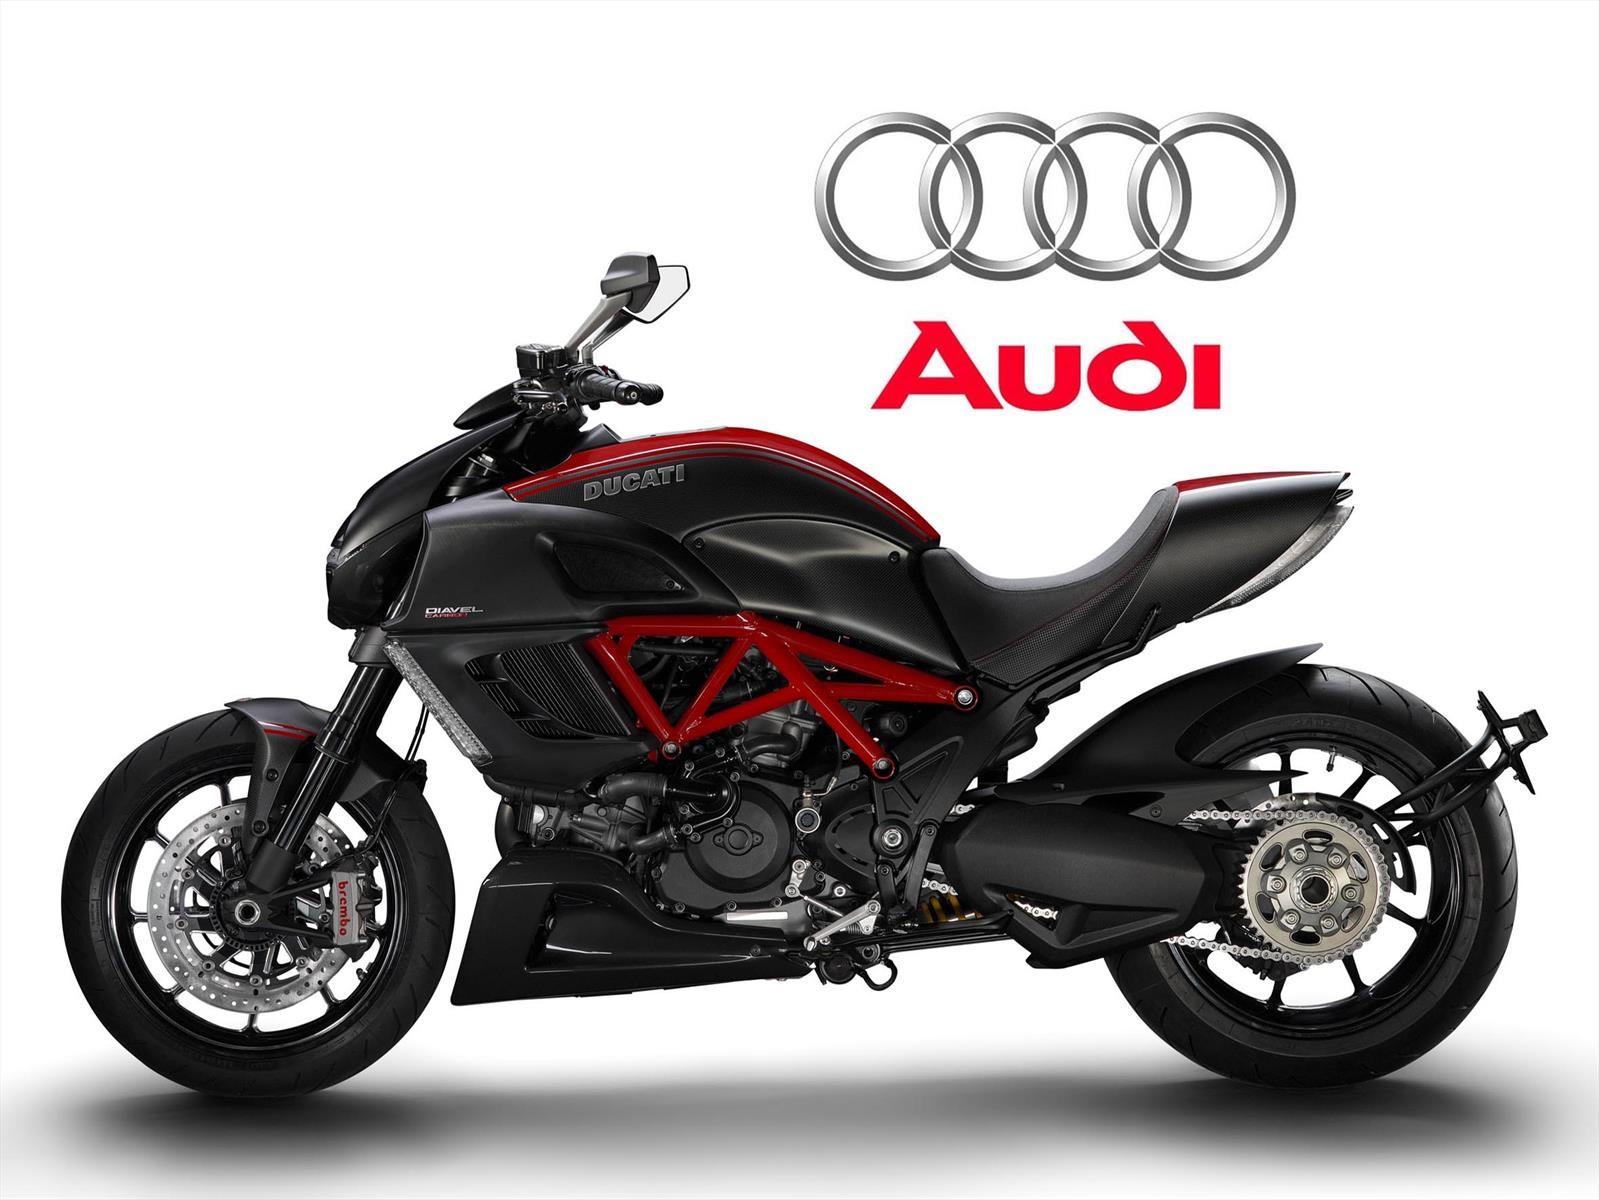 De acá no te vas: Ducati se queda adentro de Audi y no se vende